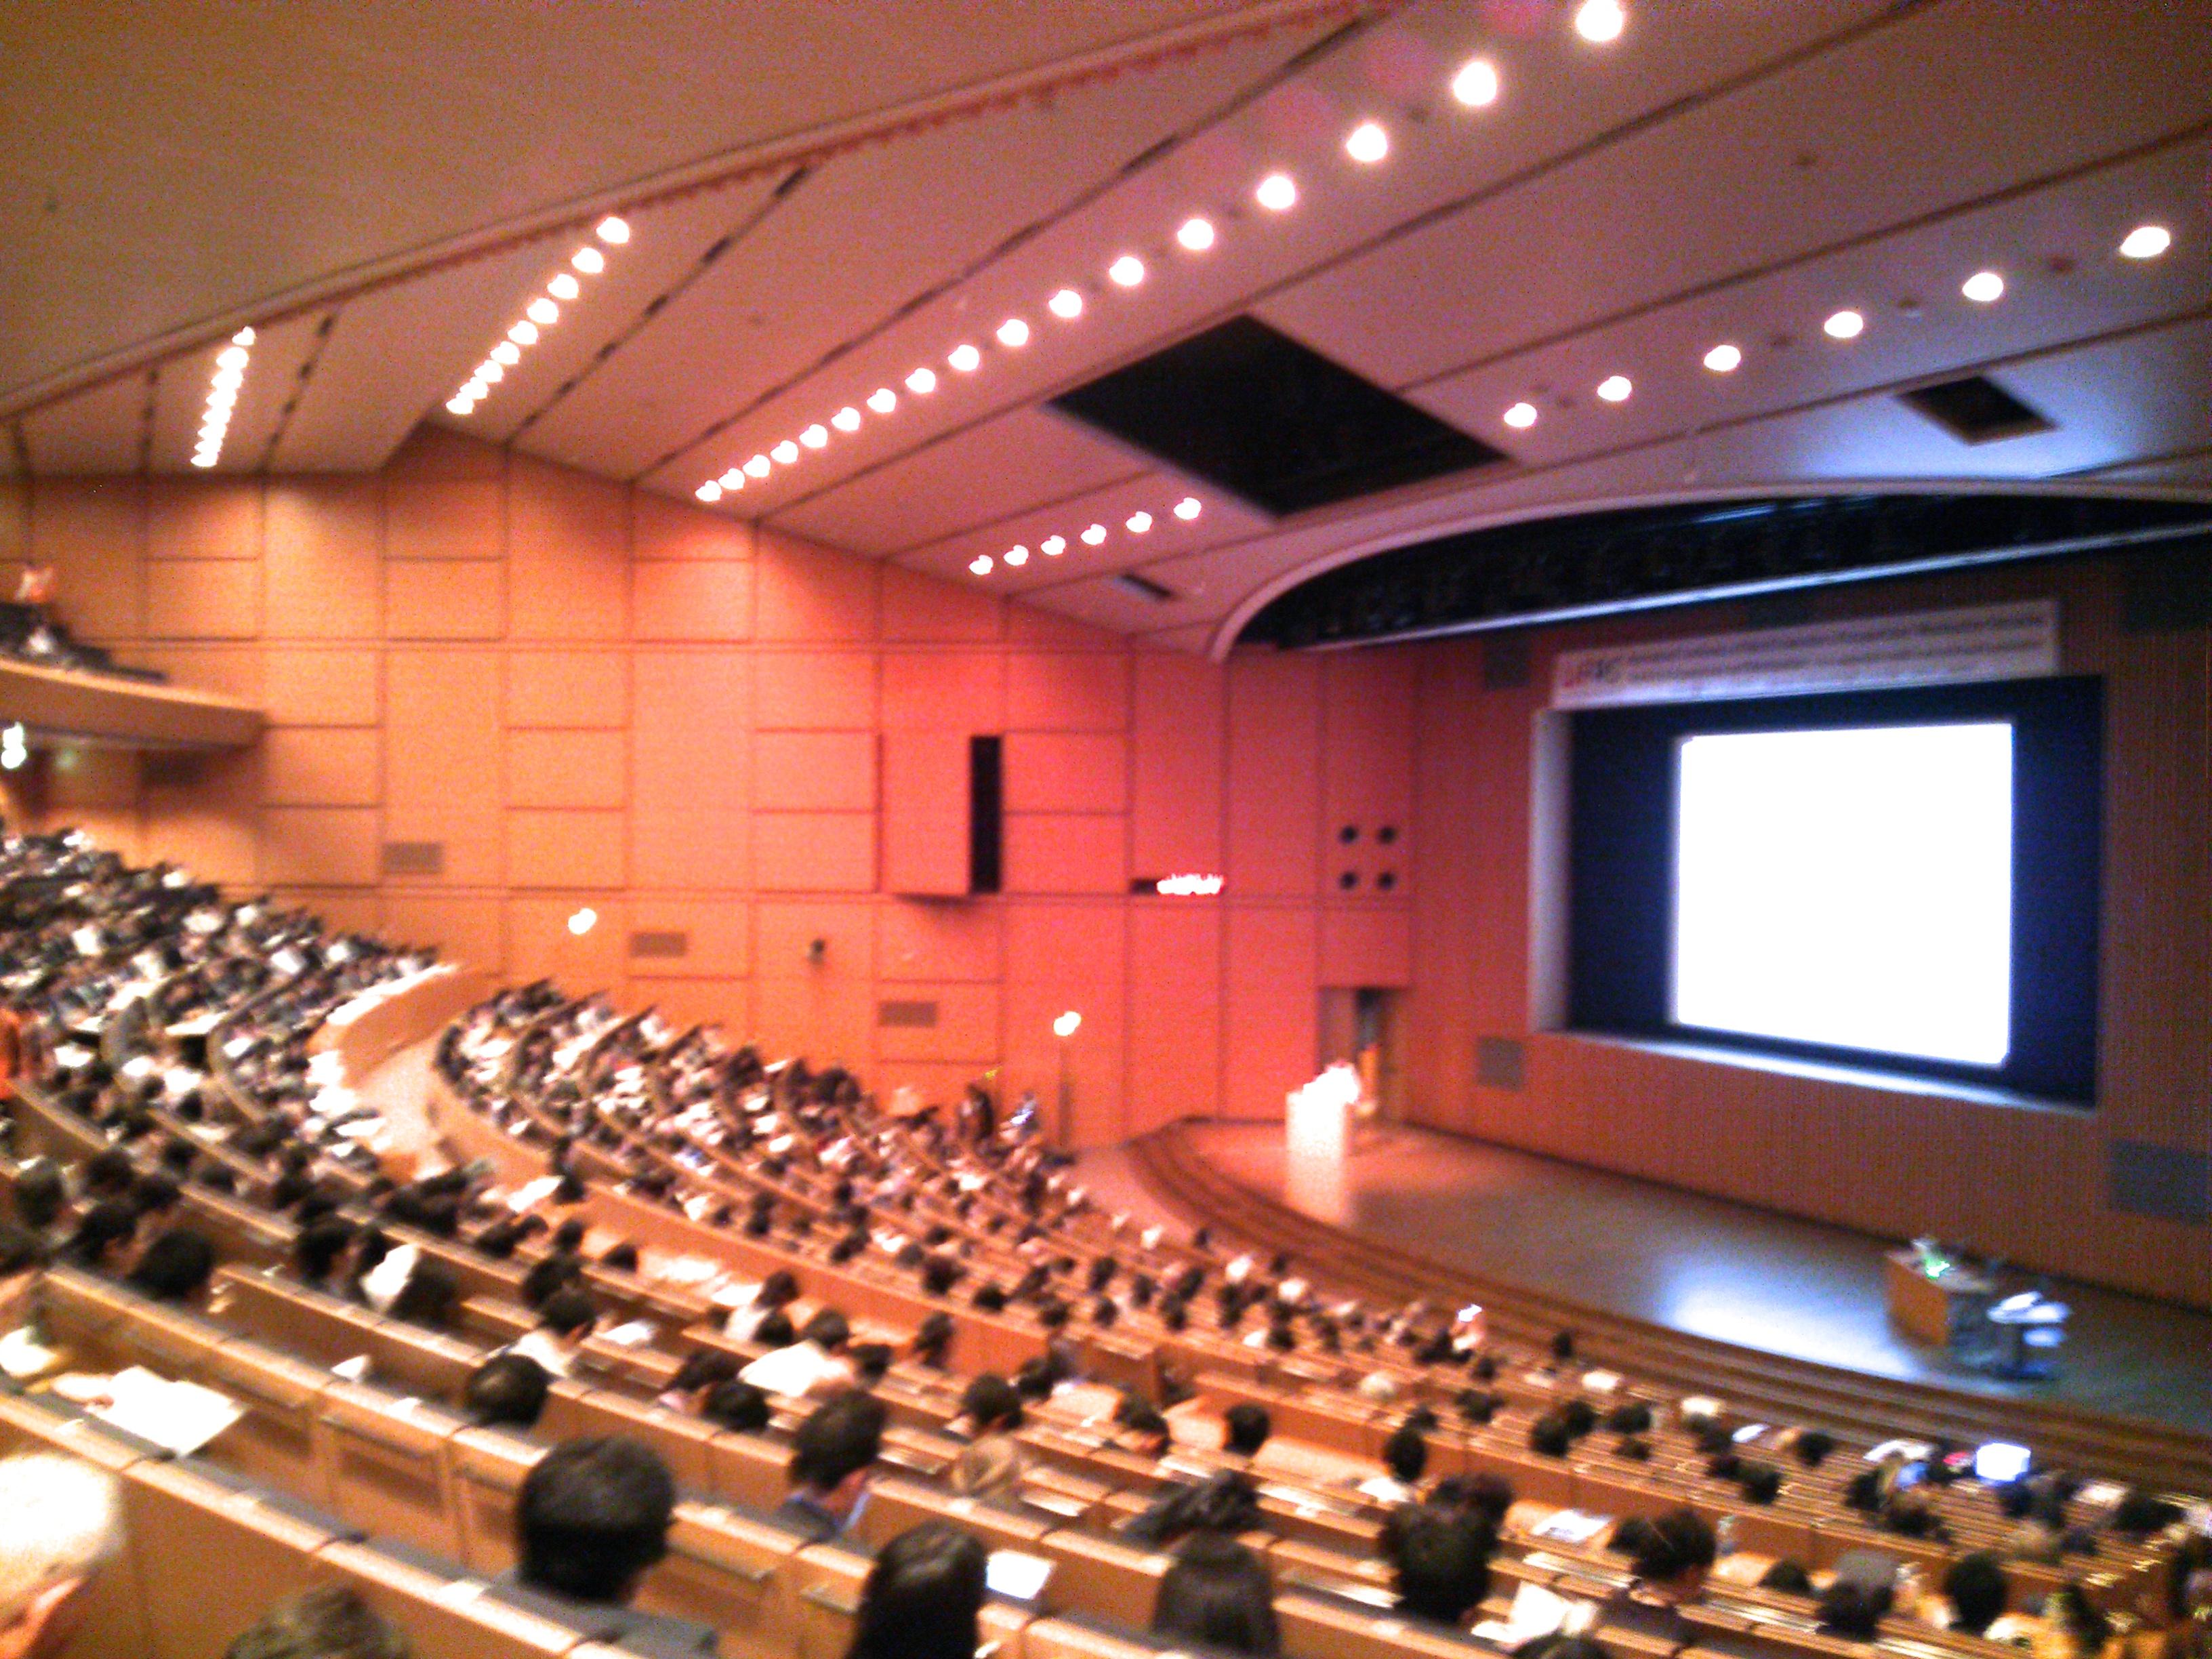 広井教授が世界鍼灸学会連合会学術大会で基調講演を行いました